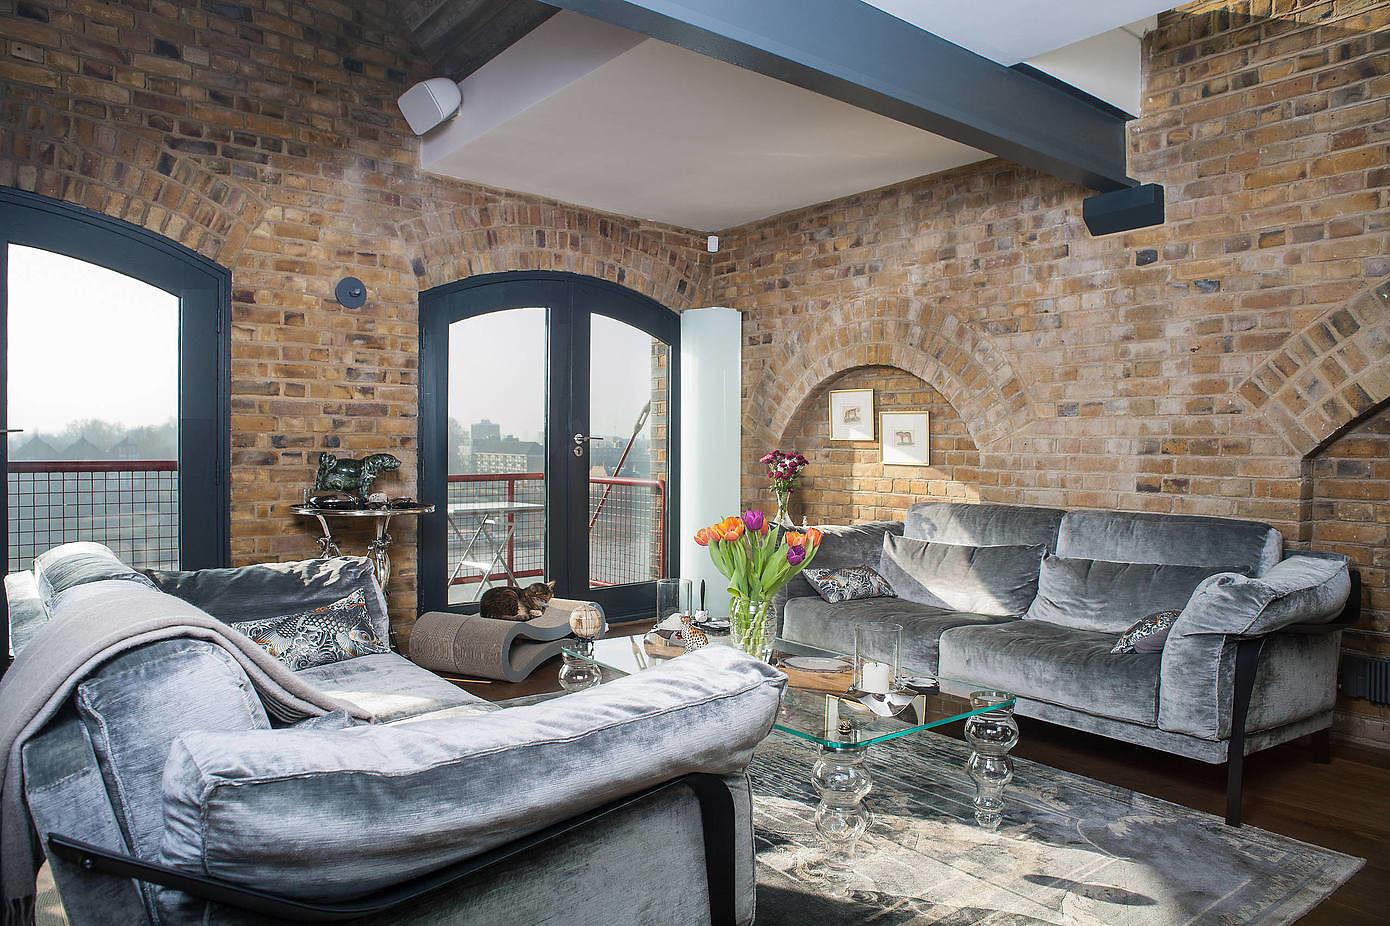 Wapping Loft in London